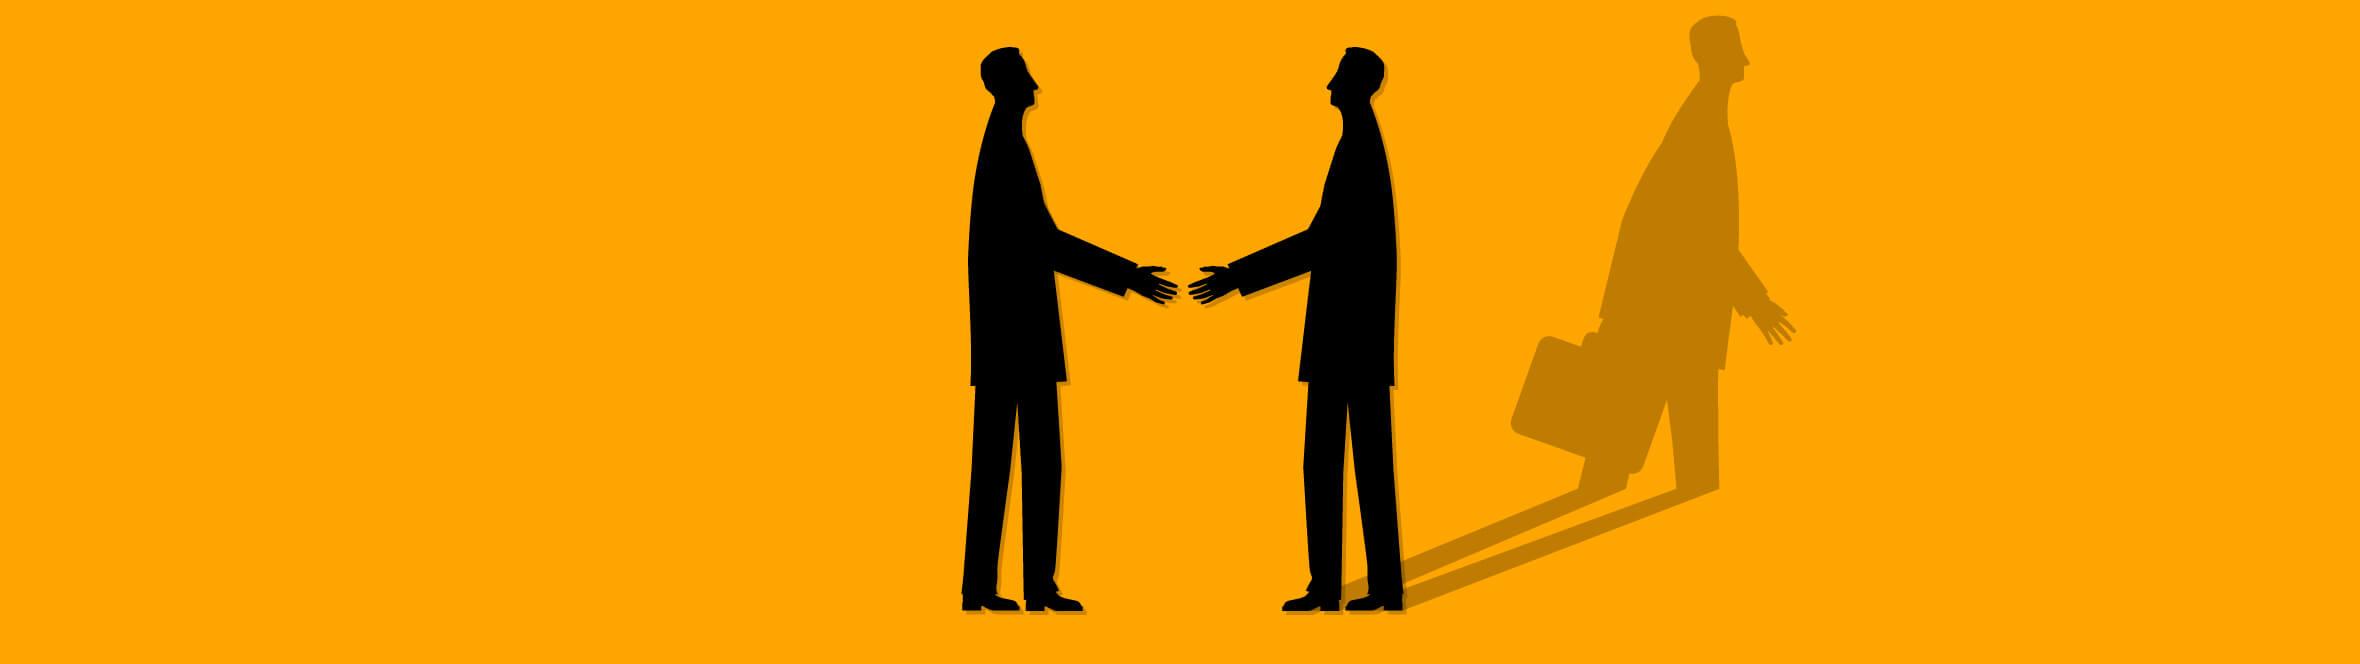 Silueta dos hombres dándose la mano. QTI trabaja con nosotros